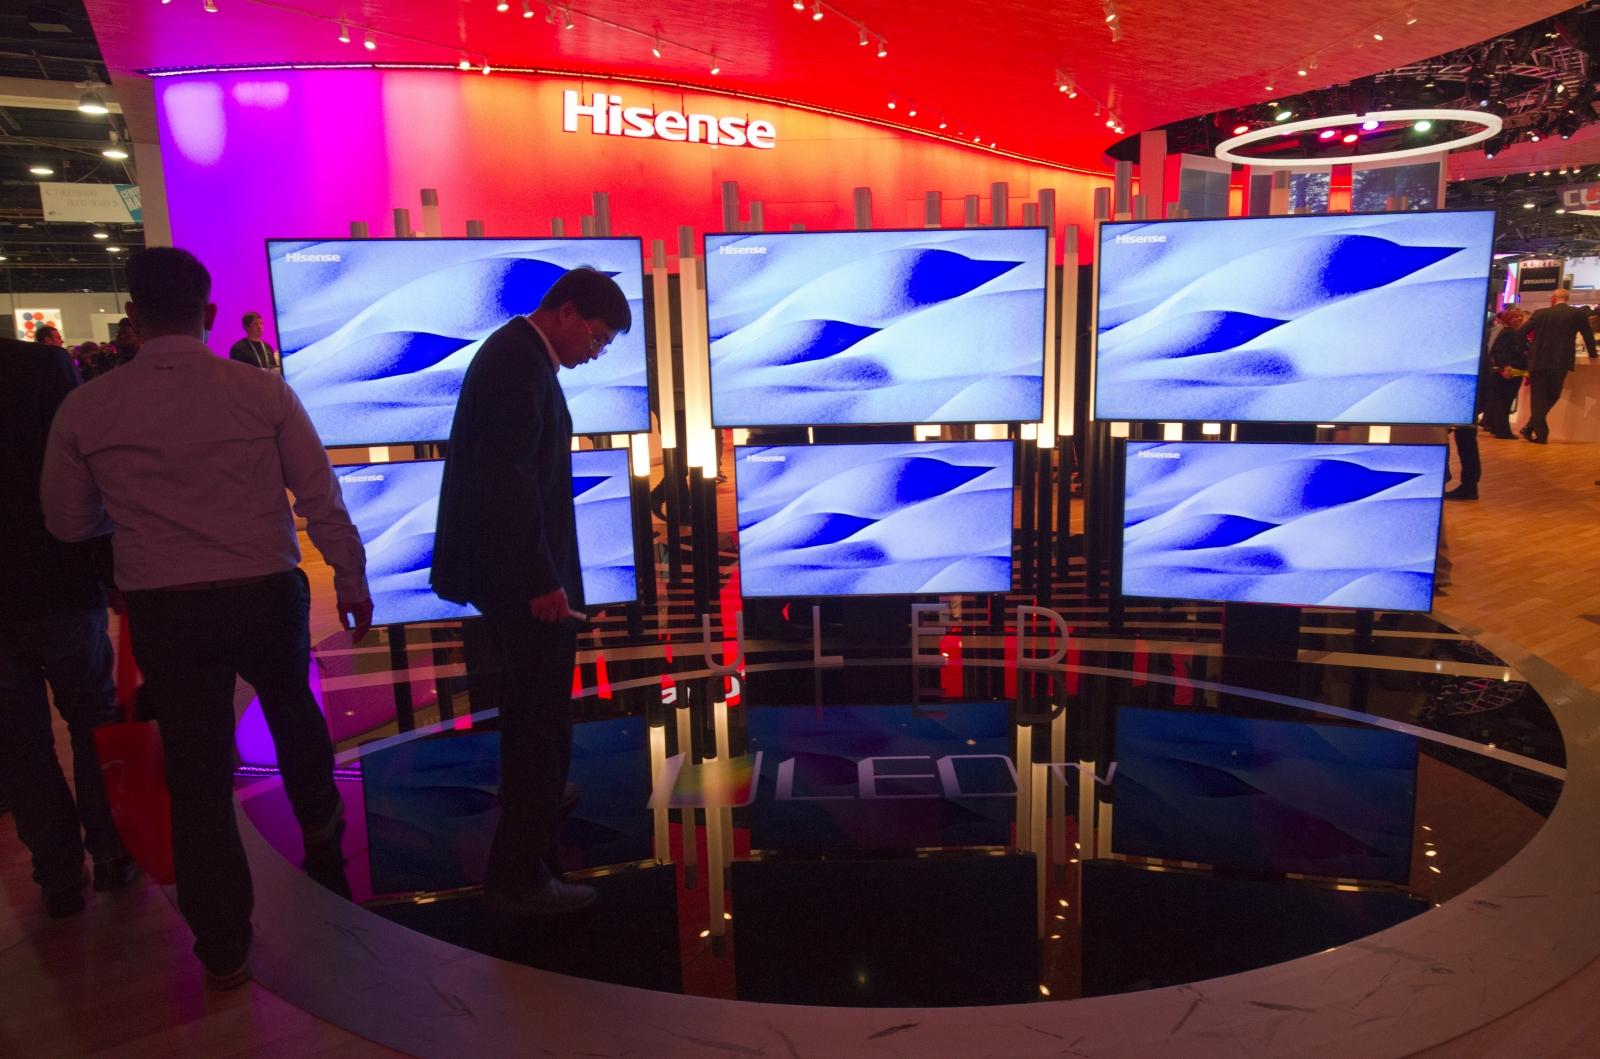 Best 4K TVs os 2015